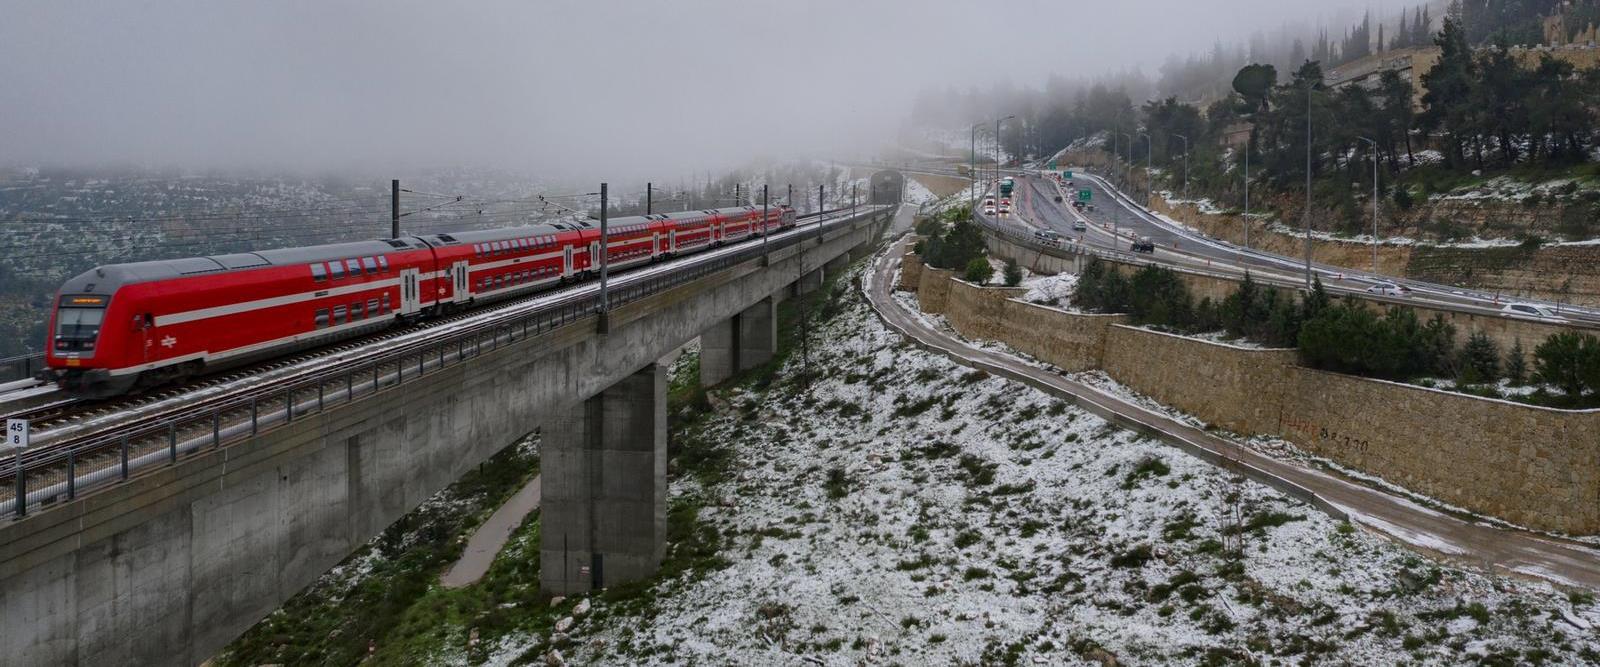 הרכבת לירושלים ברקע השלג